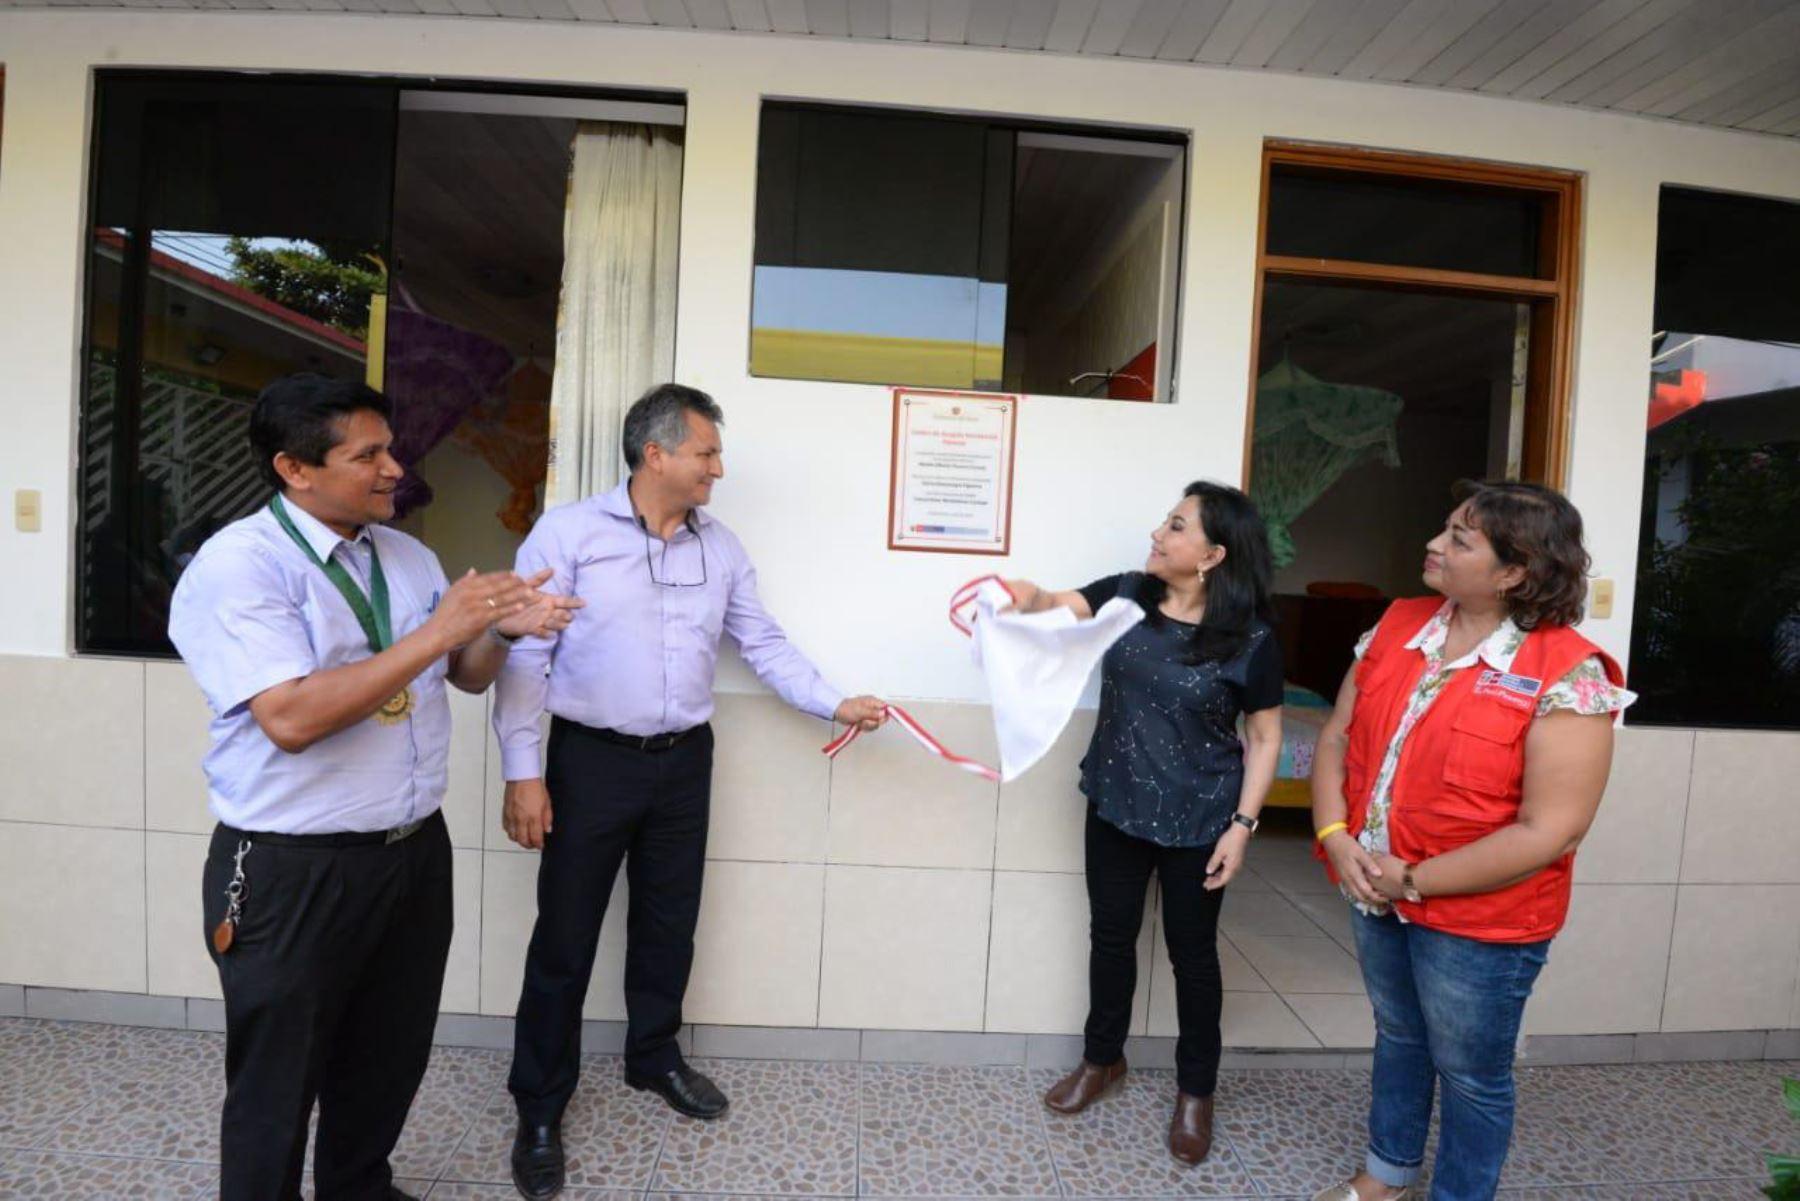 La ministra de la Mujer y Poblaciones Vulnerables, Gloria Montenegro, inauguró el Centro de Acogida Residencial (CAR) Florecer, región Madre de Dios, para las menores víctimas de trata de personas.